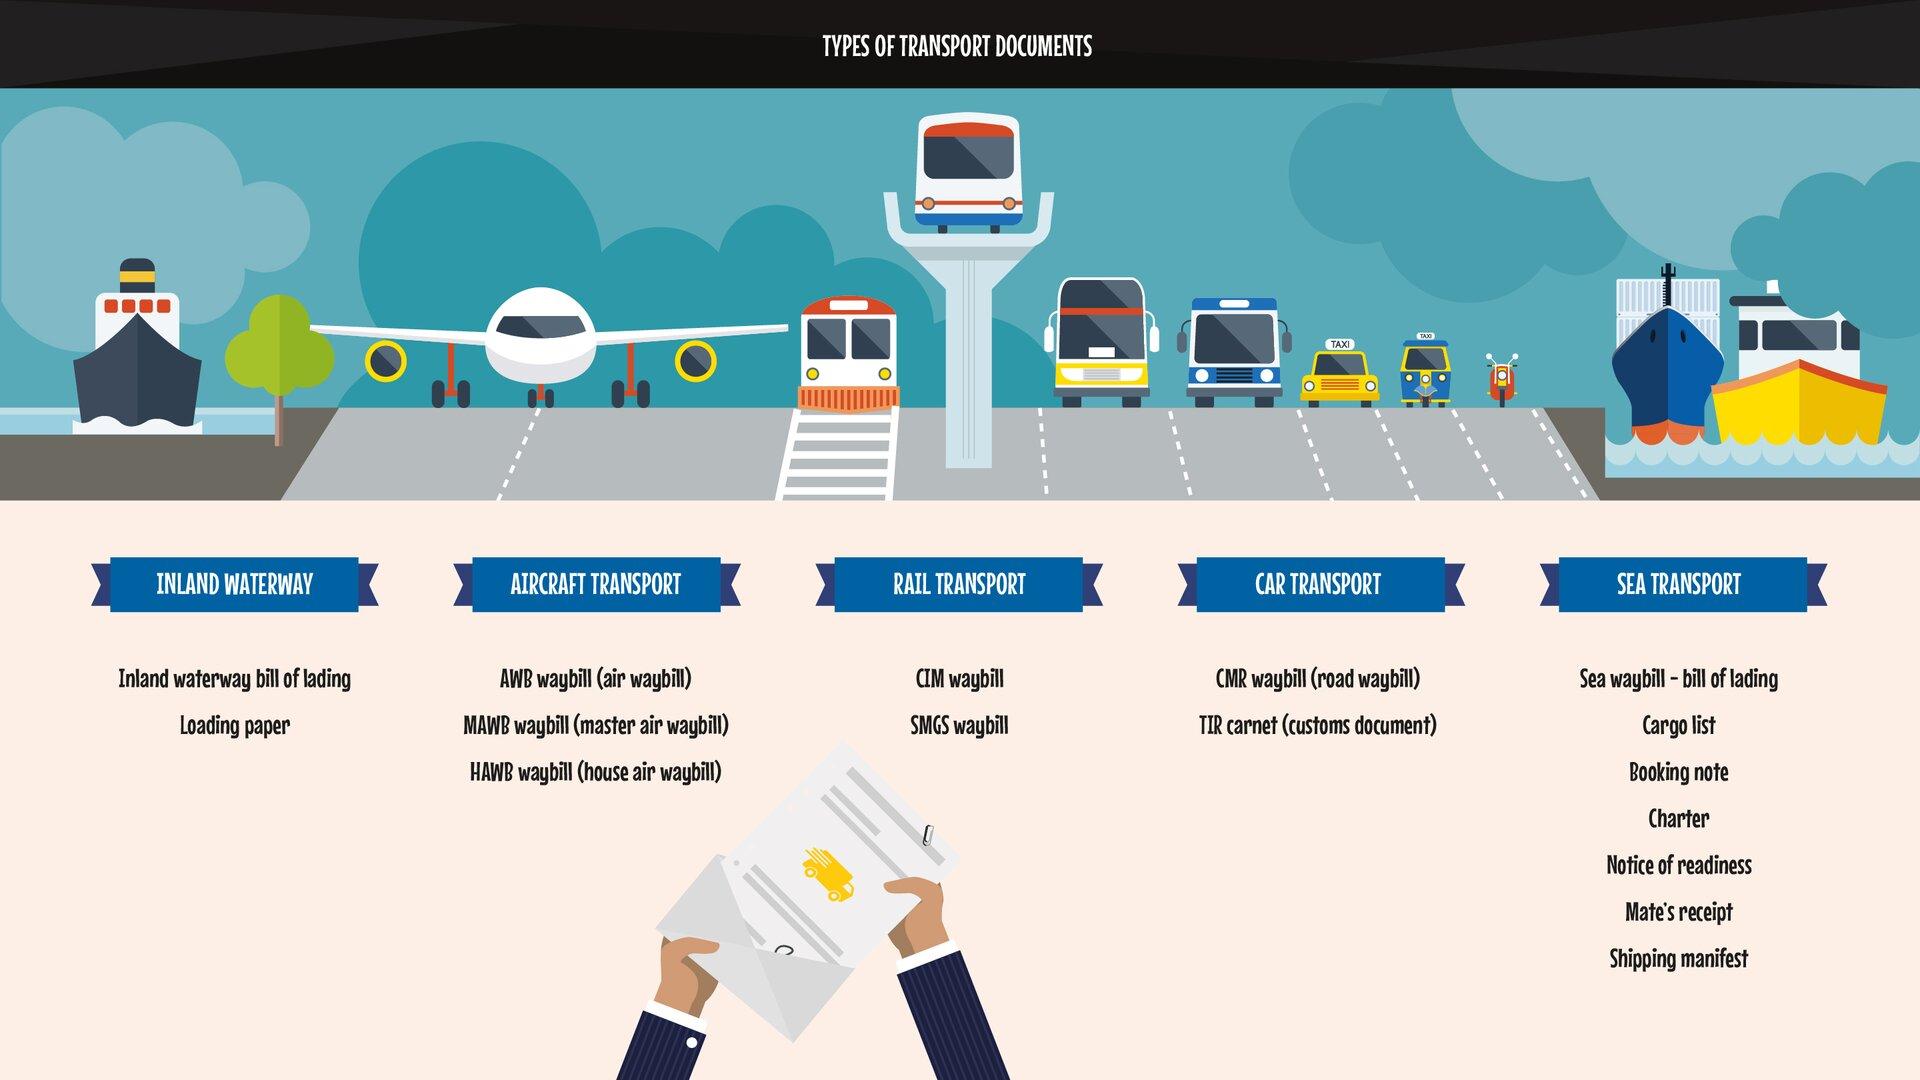 The graphics present types of transport documents. The division is based on the means of transport.Grafika przedstawia rodzaje dokumentów przewozowych. Podział ze względu na rodzaj środka transportu.